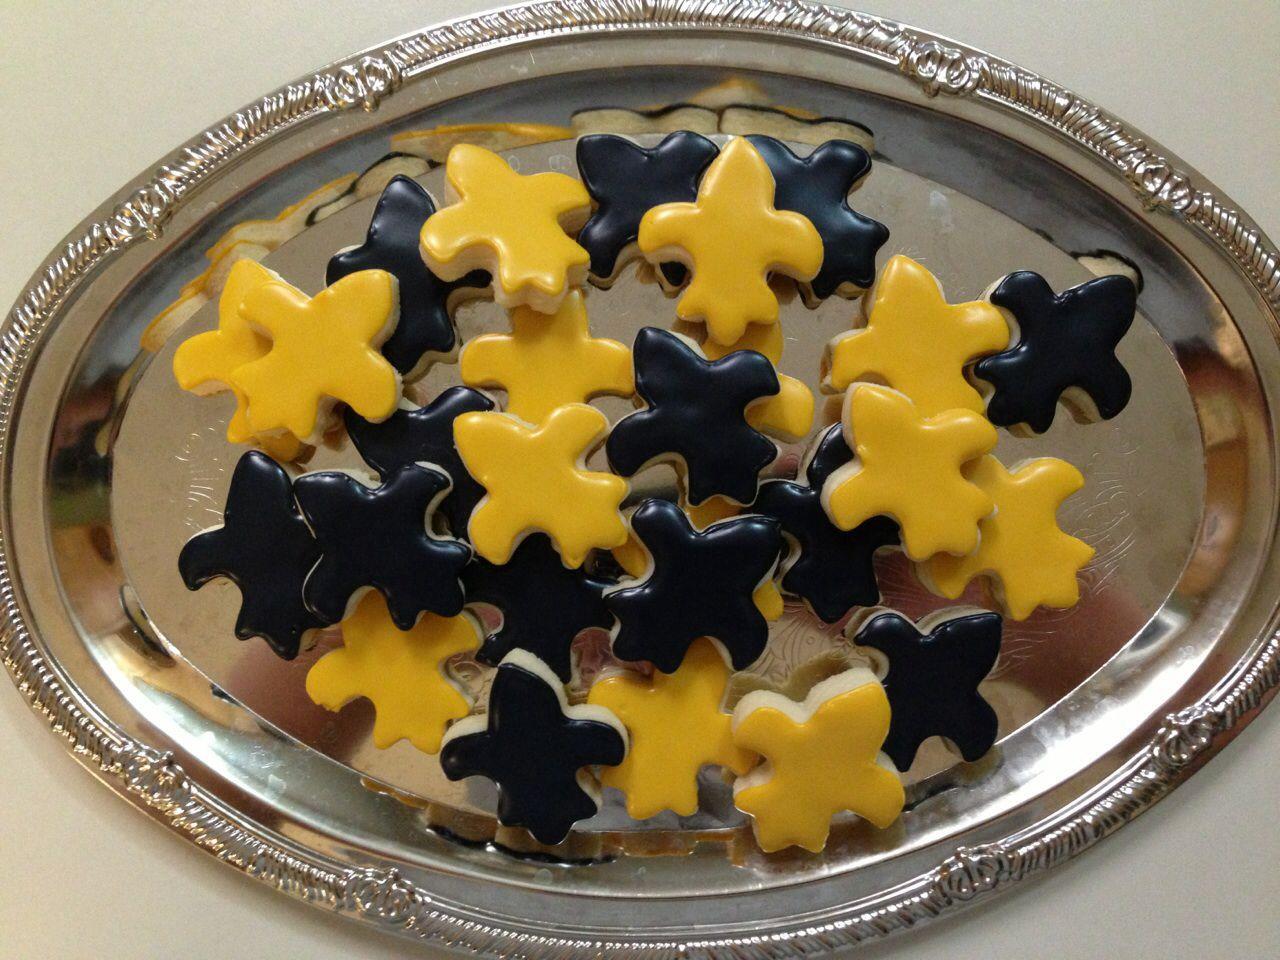 New Orleans saints fleur de lis sugar cookies